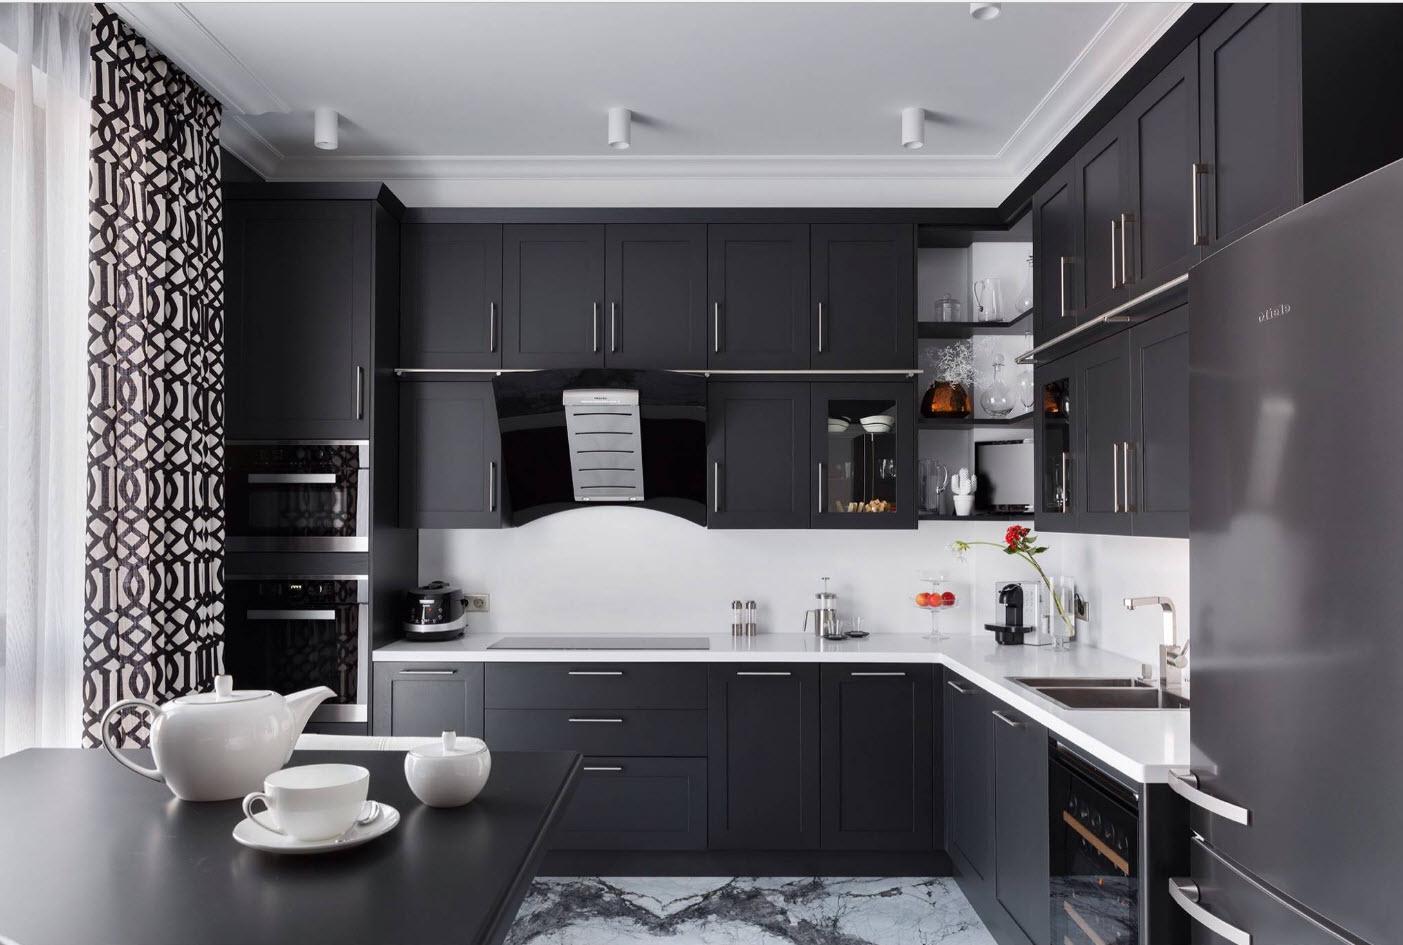 Кухонный гарнитур в темном исполнении